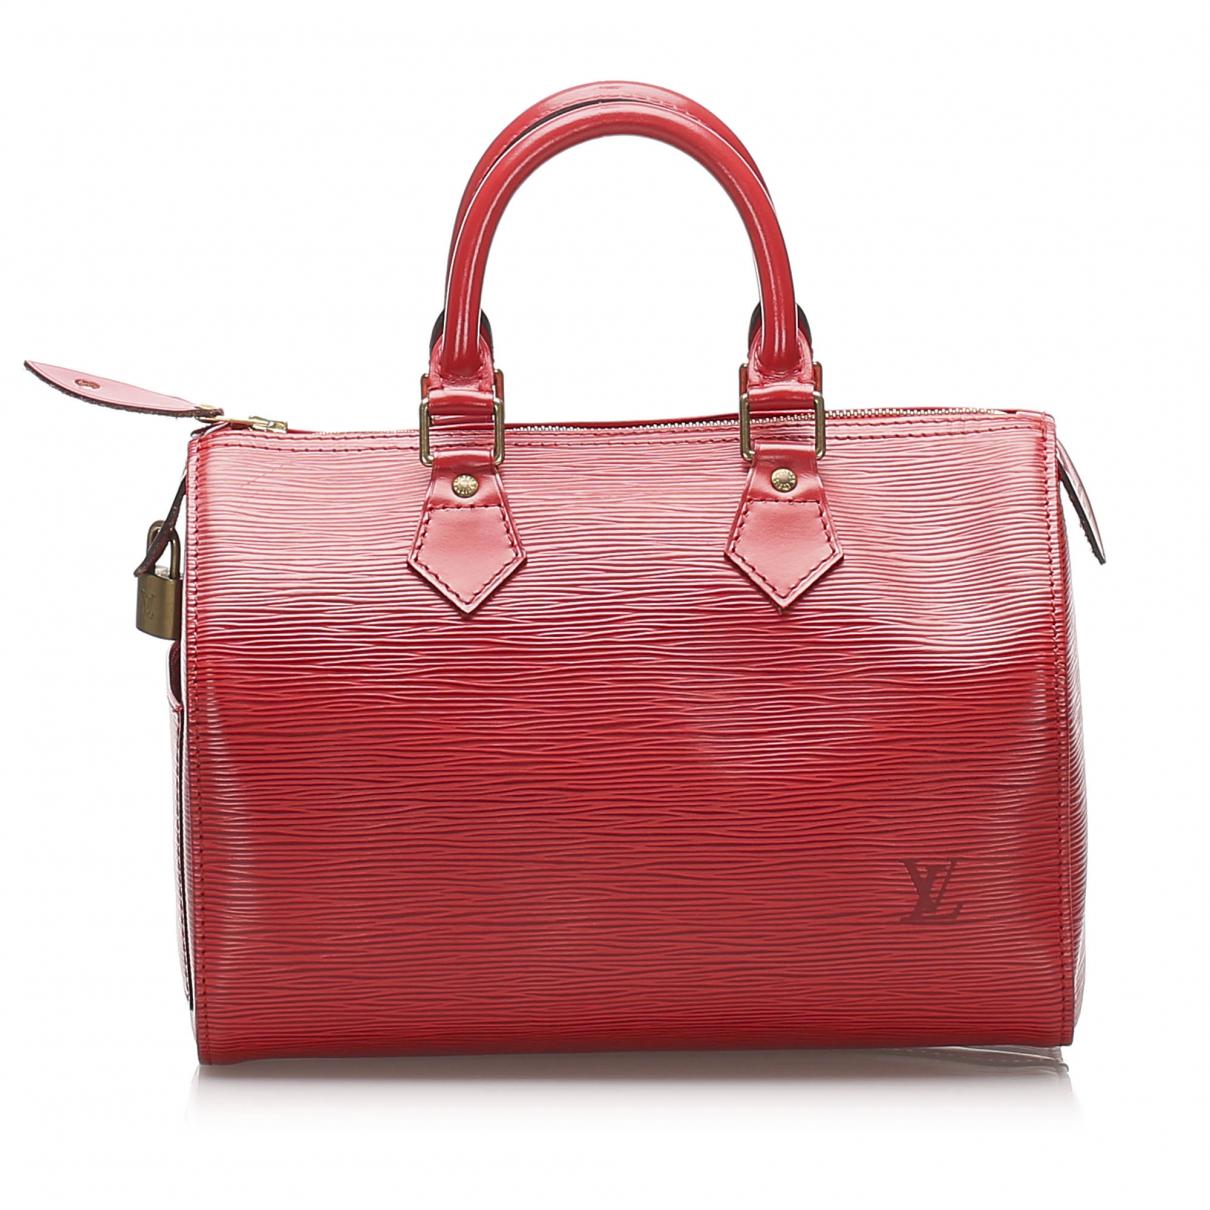 Louis Vuitton - Sac de voyage   pour femme en cuir - rouge